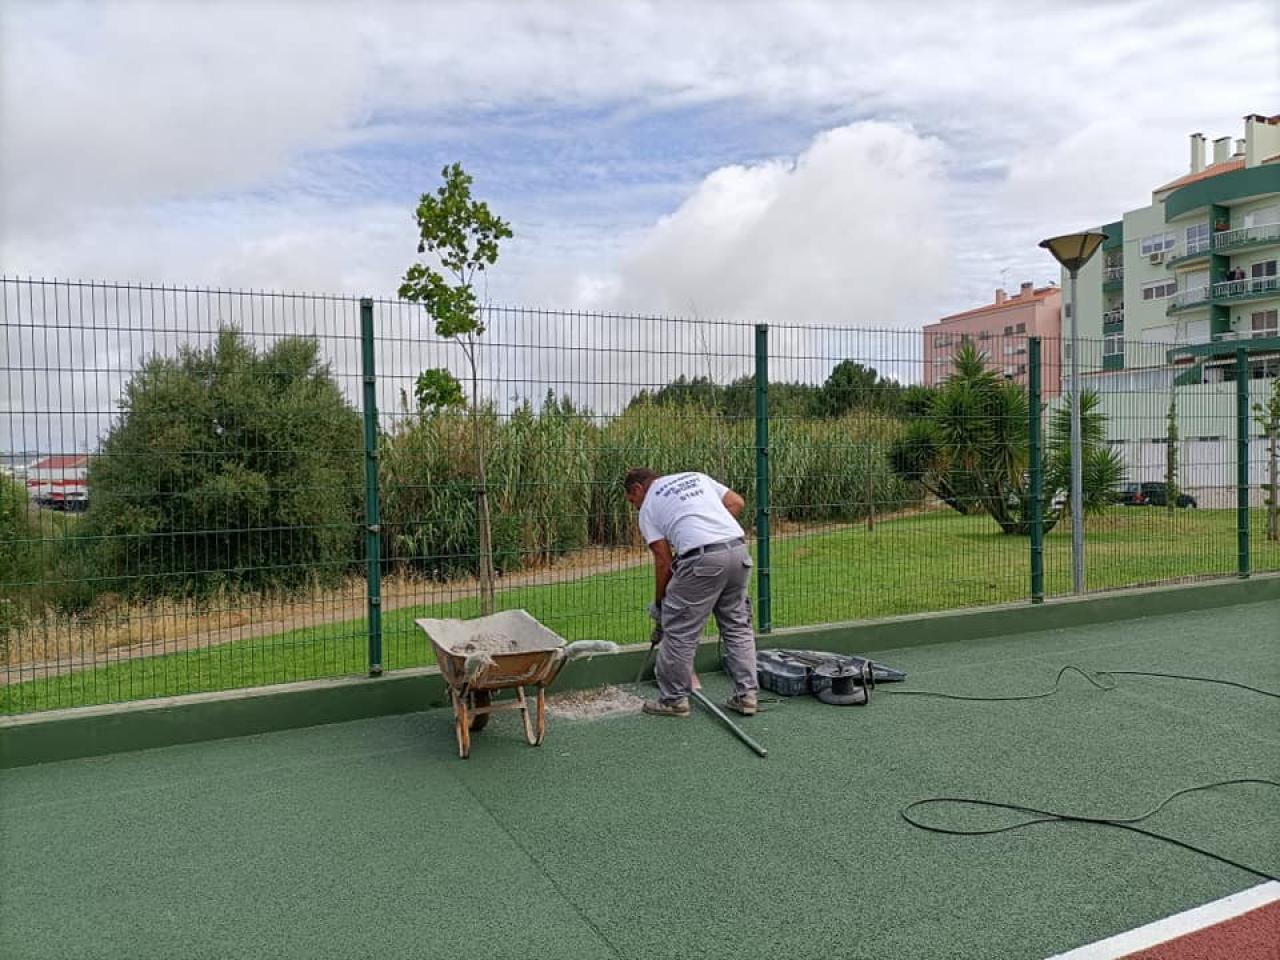 Construção de um Campo de Basquetebol no Recinto Desportivo Marquês de Pombal